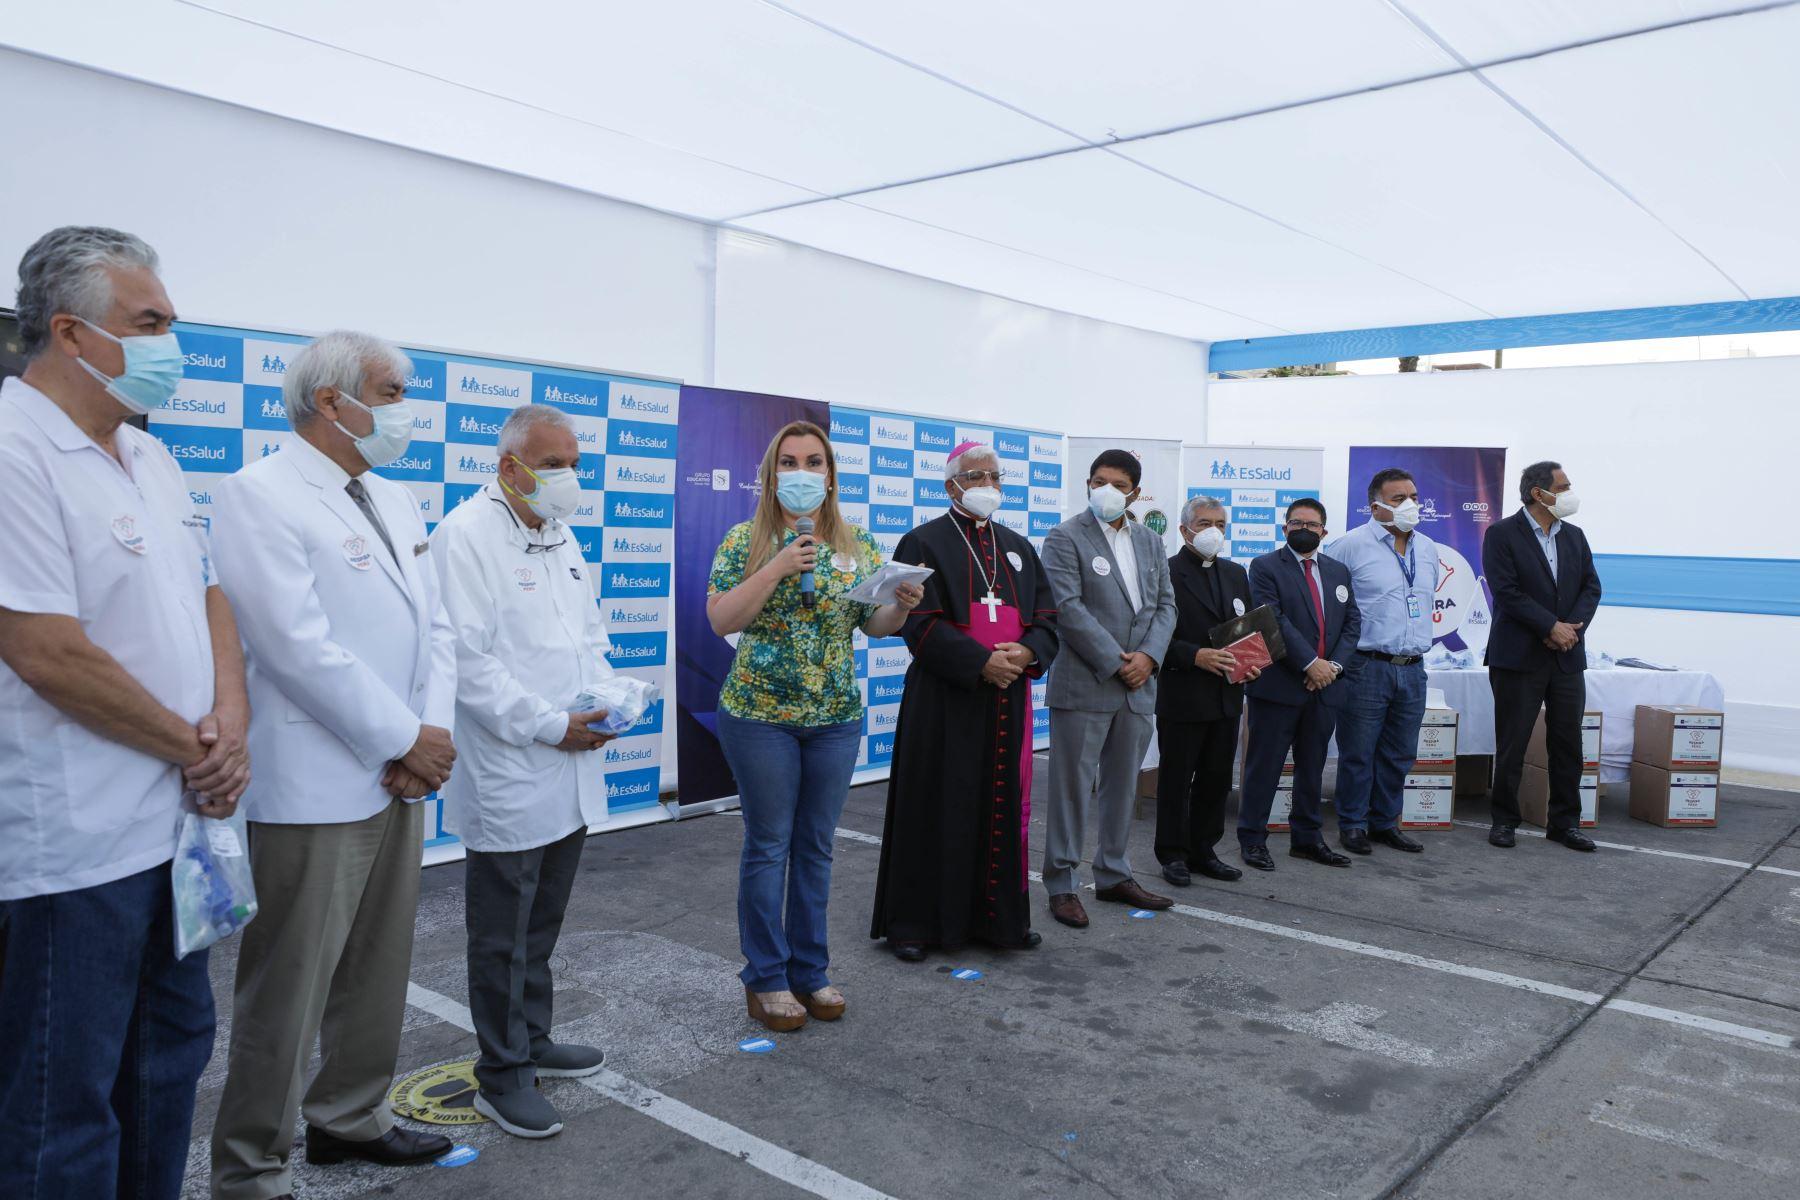 La presidenta de Essalud Fiorella, Molinell, recibió una donación de 680 respiradores mecánicos personales, para reforzar el trabajo que siguen realizando los médicos y todo el personal sanitario de los hospitales de dicha institución en esta segunda ola de contagios de covid-19. Foto: ANDINA/ Essalud.